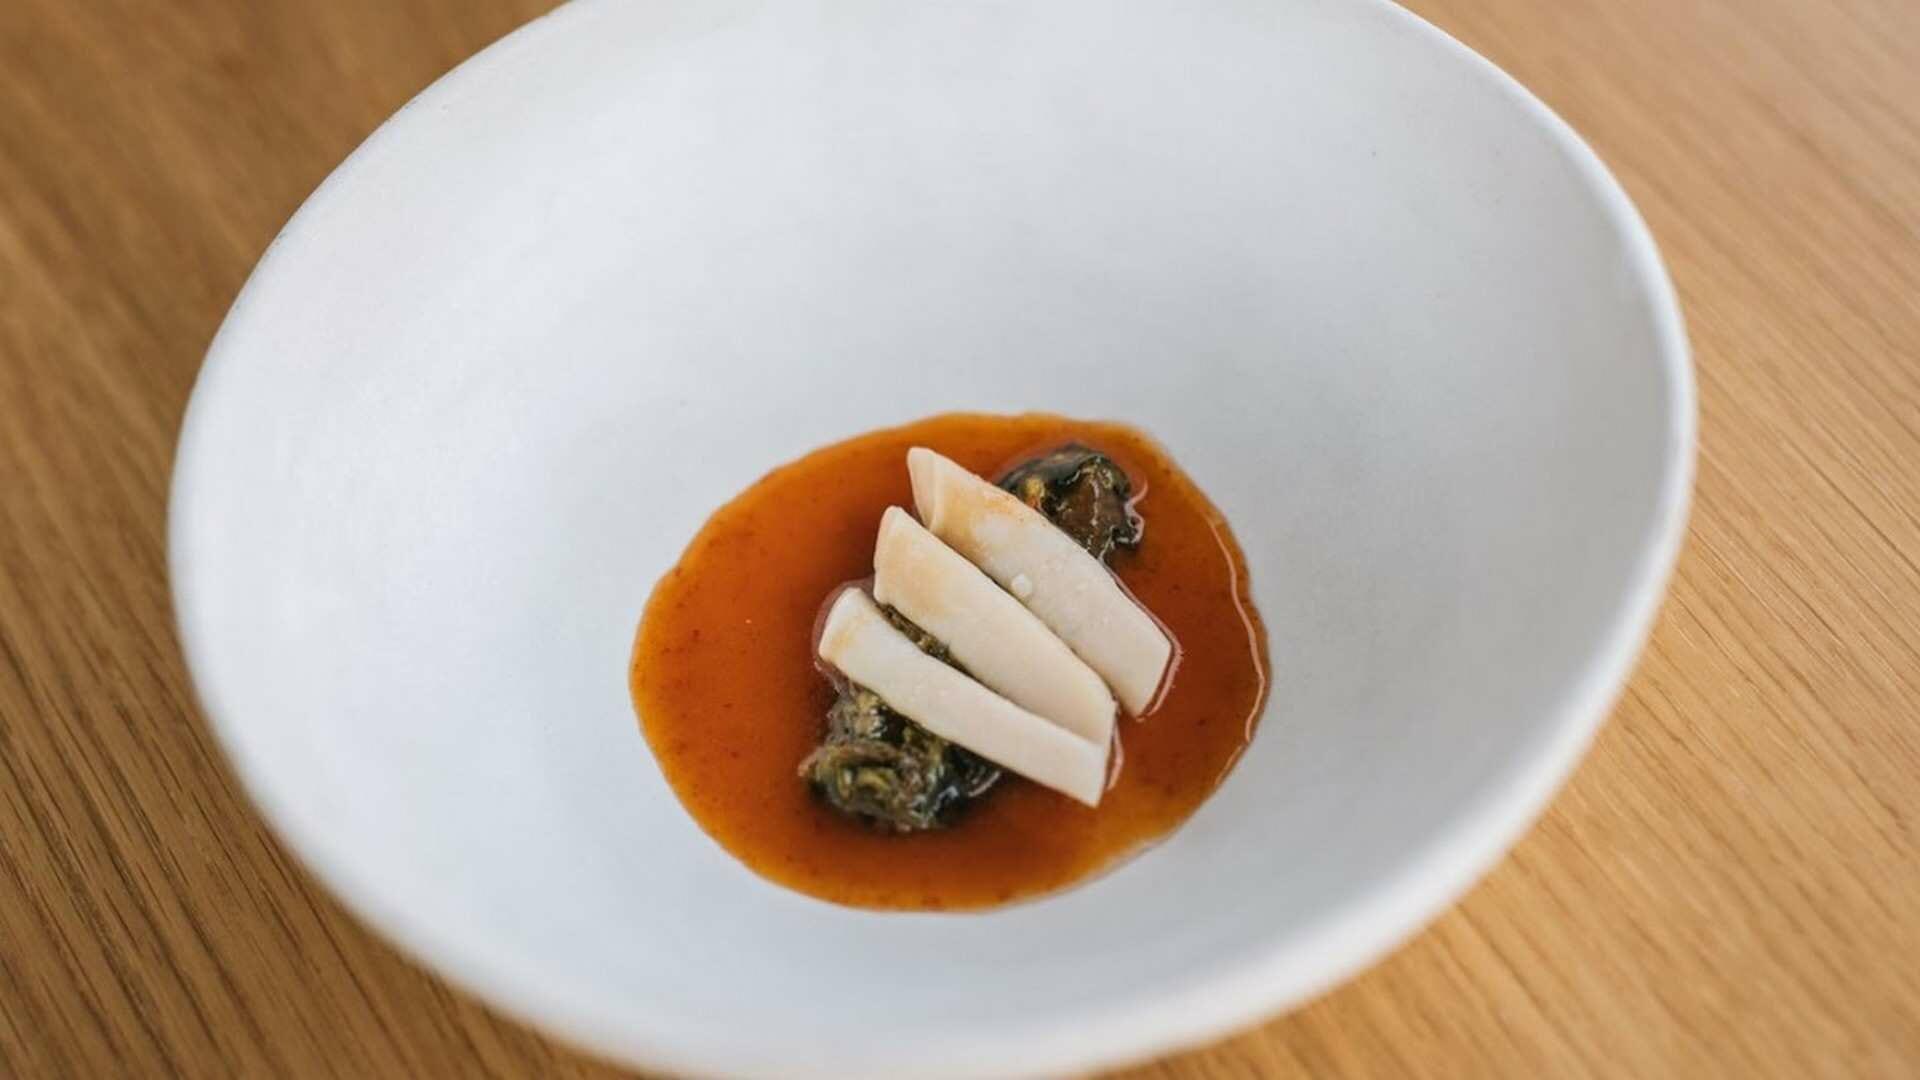 Receta de Navajas en salsa picosa y algas, de Pepe Solla